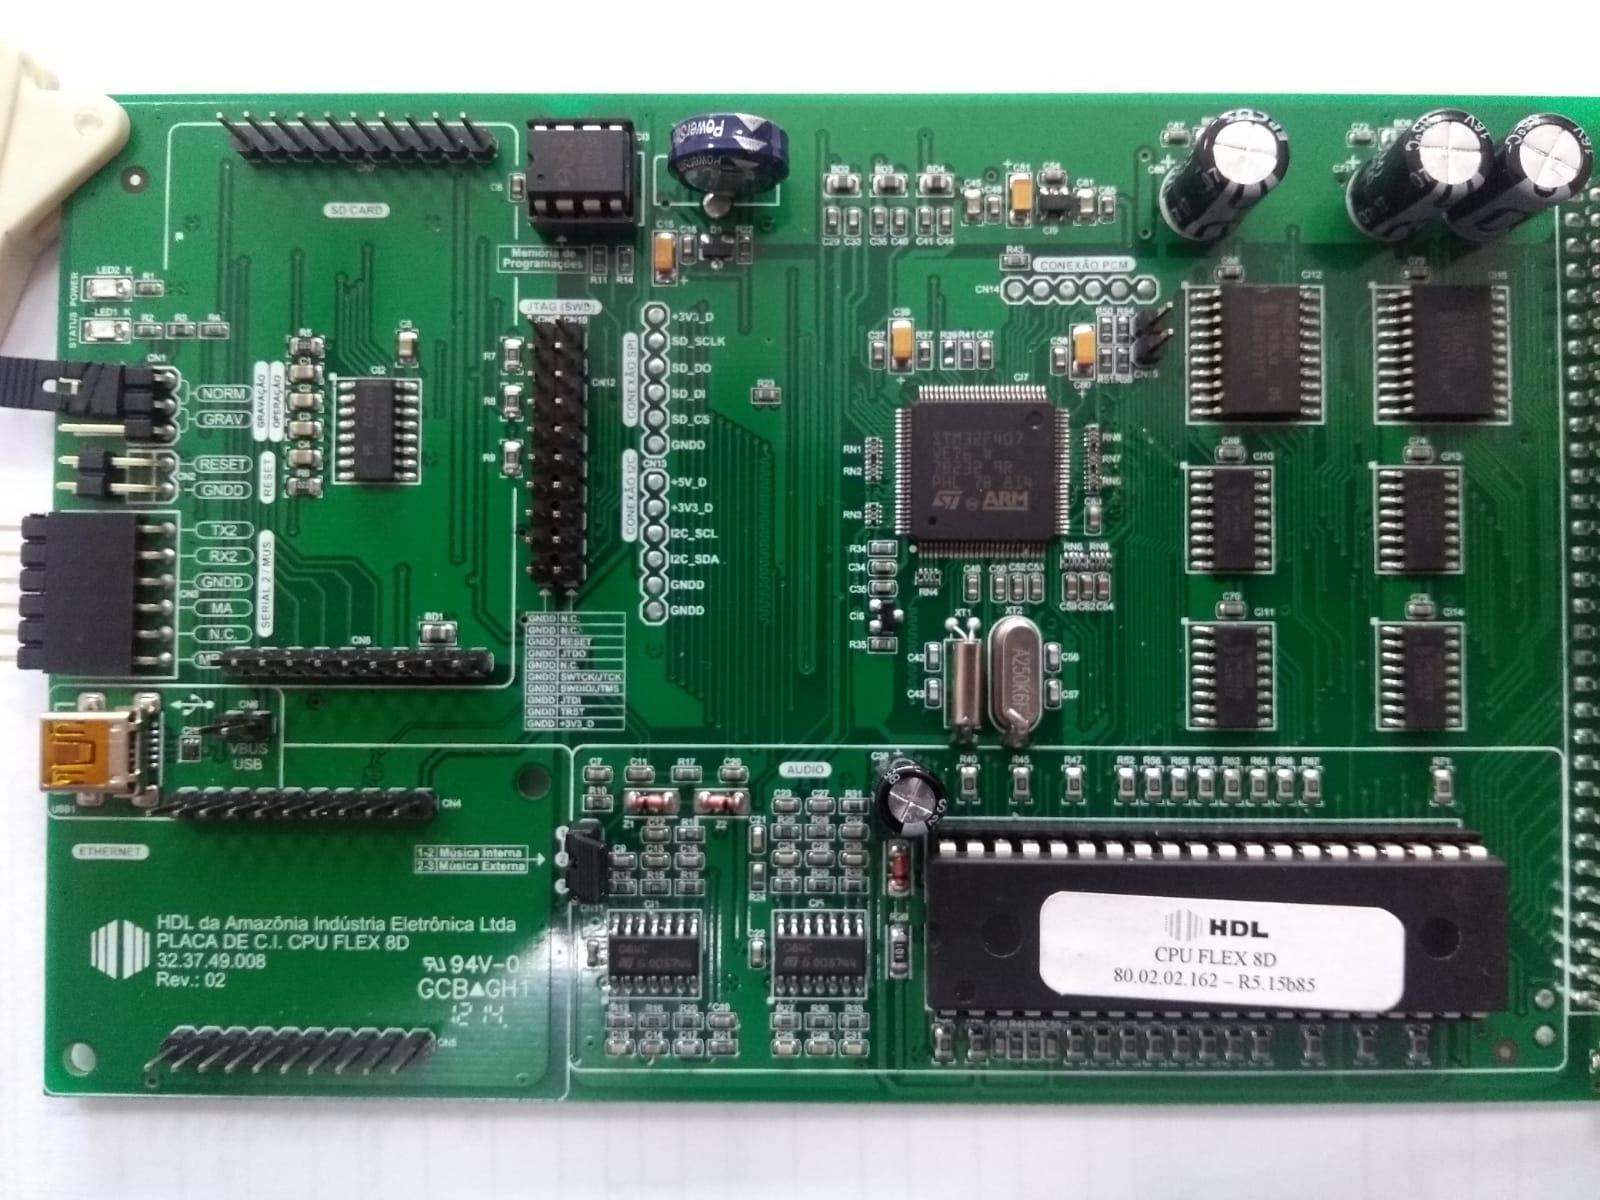 Placa CPU 8D Para Centrais HDL Flex